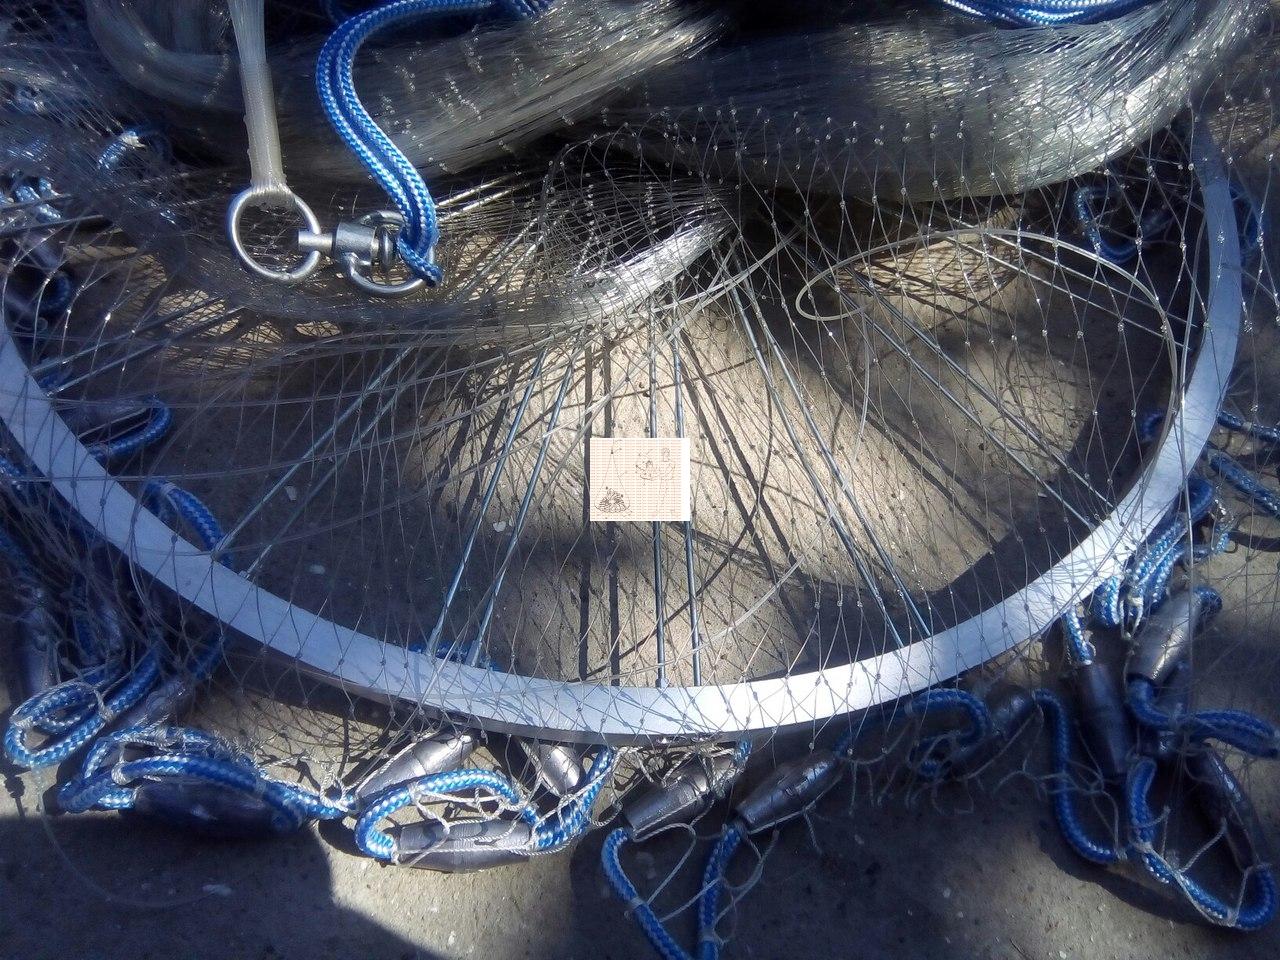 заброс кастинговой сети без кольца